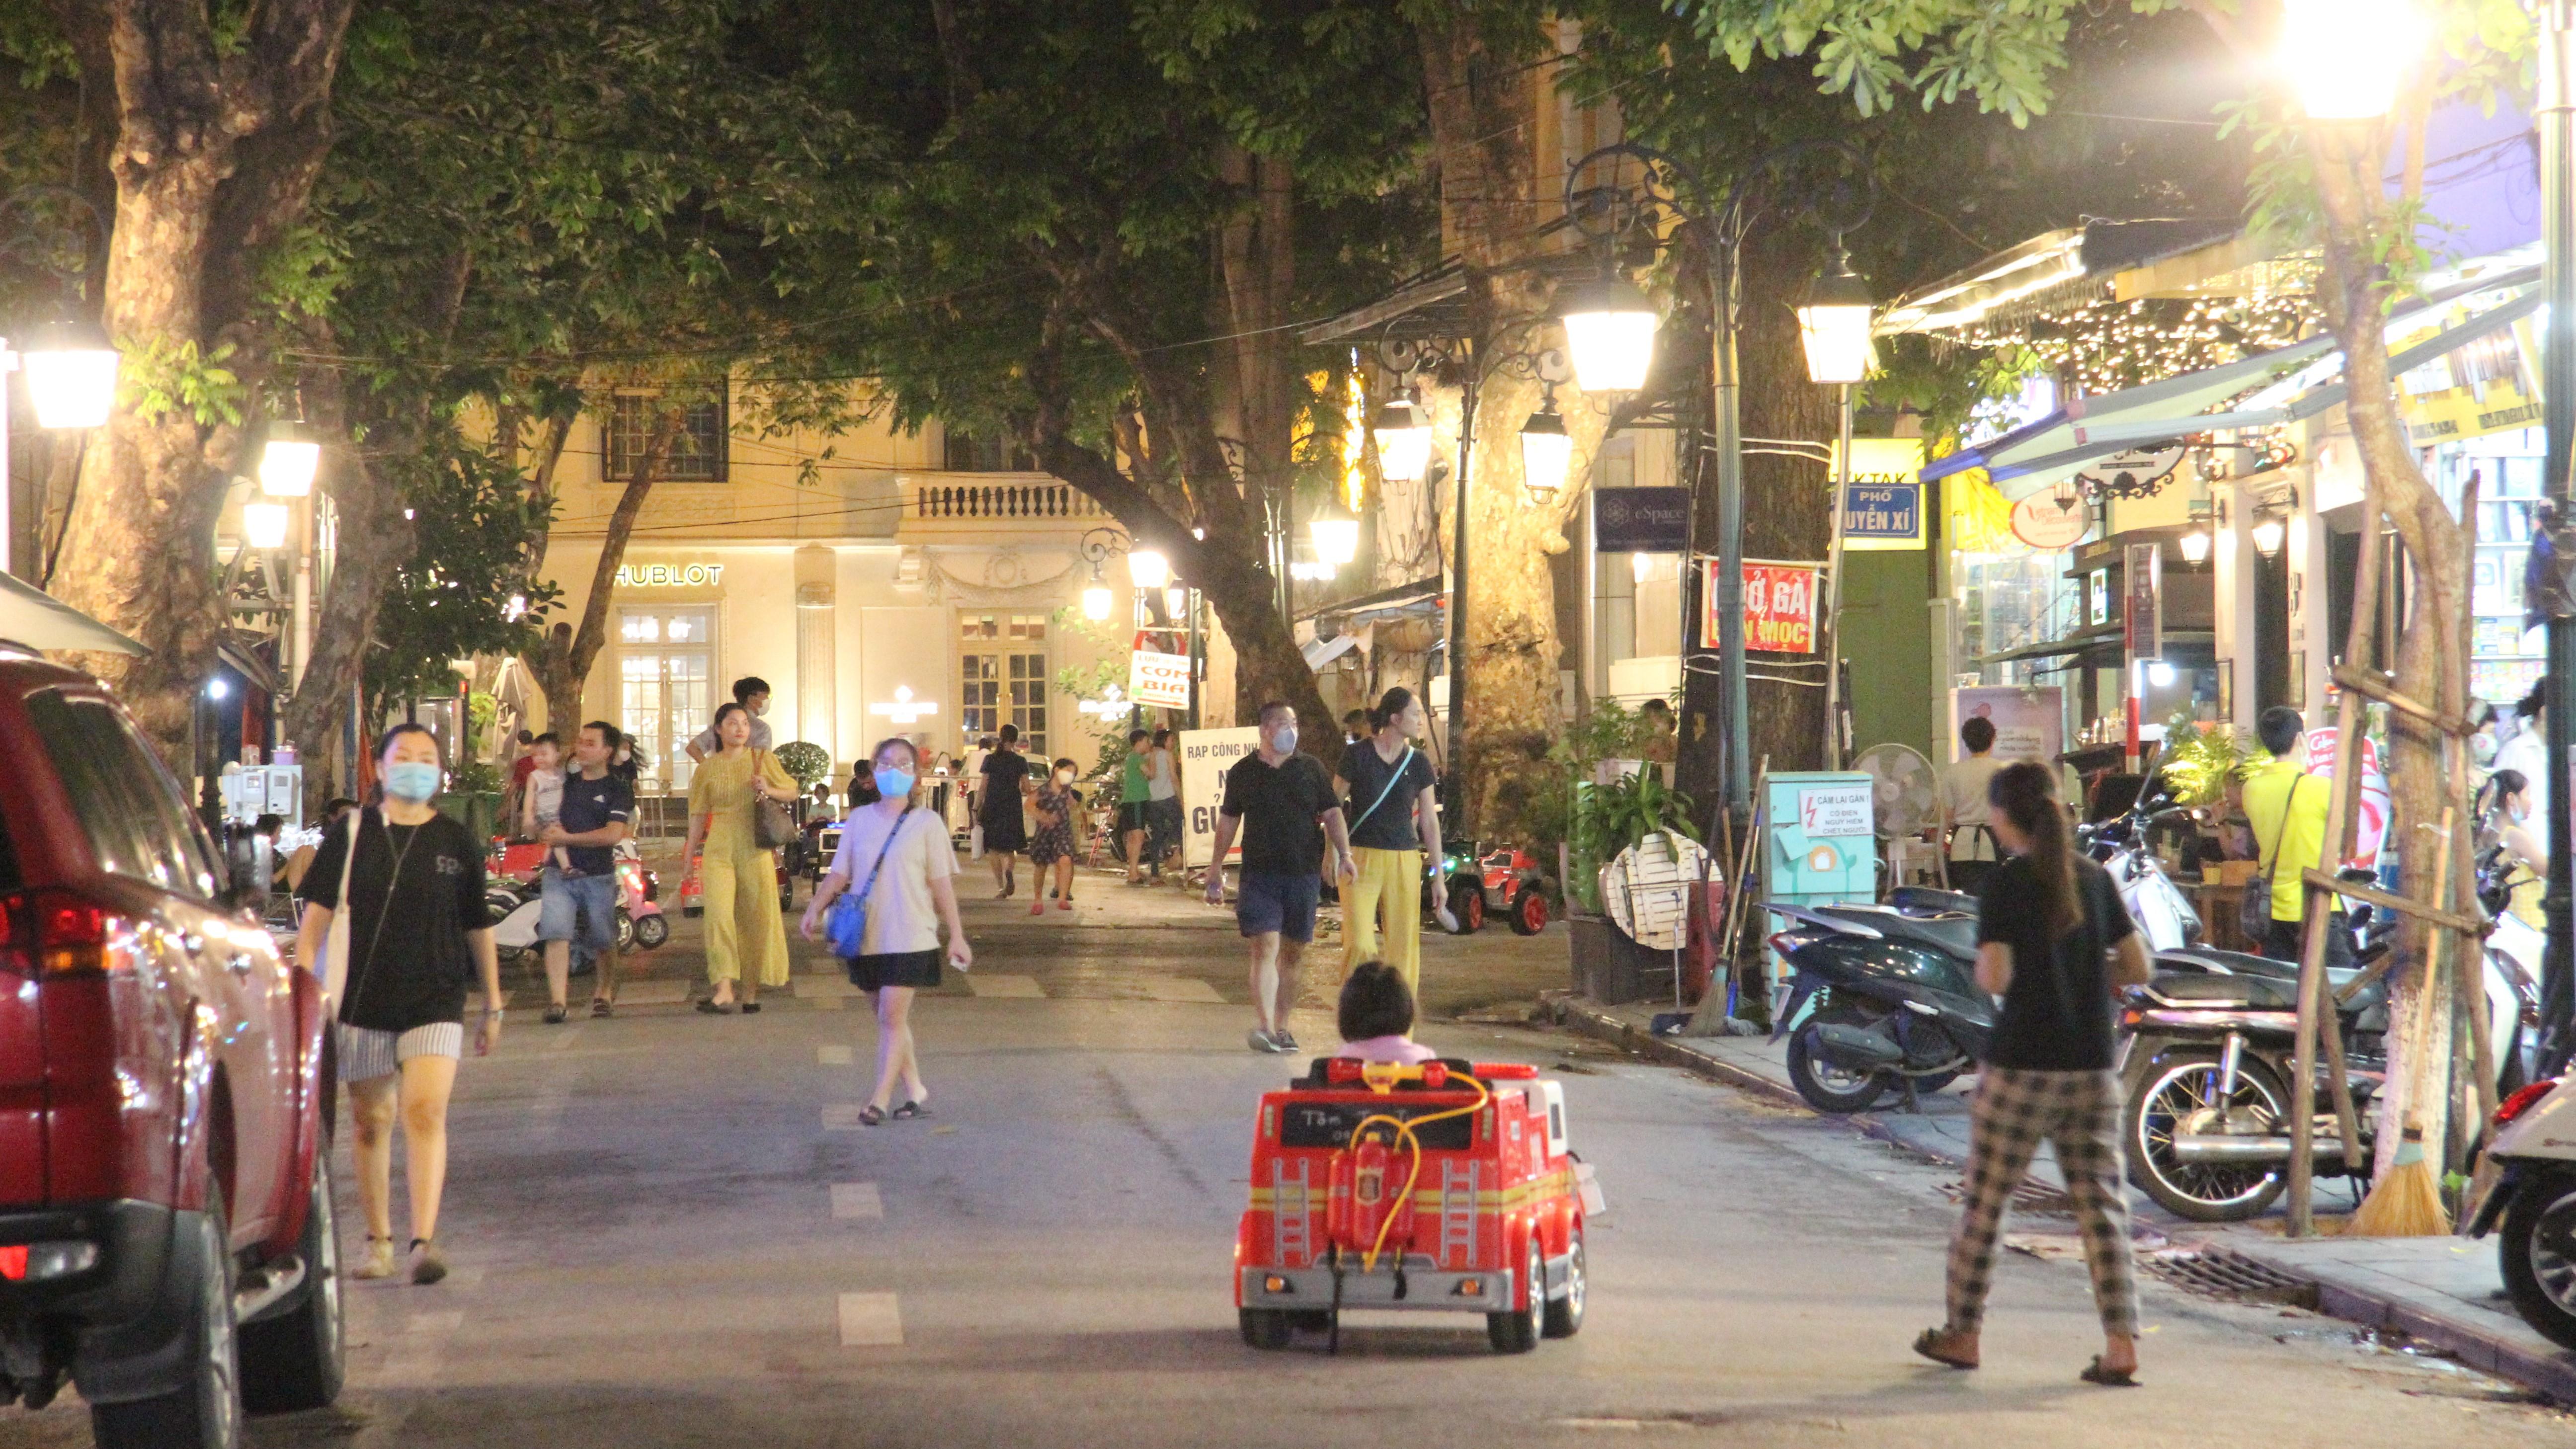 Hà Nội: Phố đi bộ tấp nập cuối tuần, nhiều người vẫn tụ tập, không đeo khẩu trang - Ảnh 2.